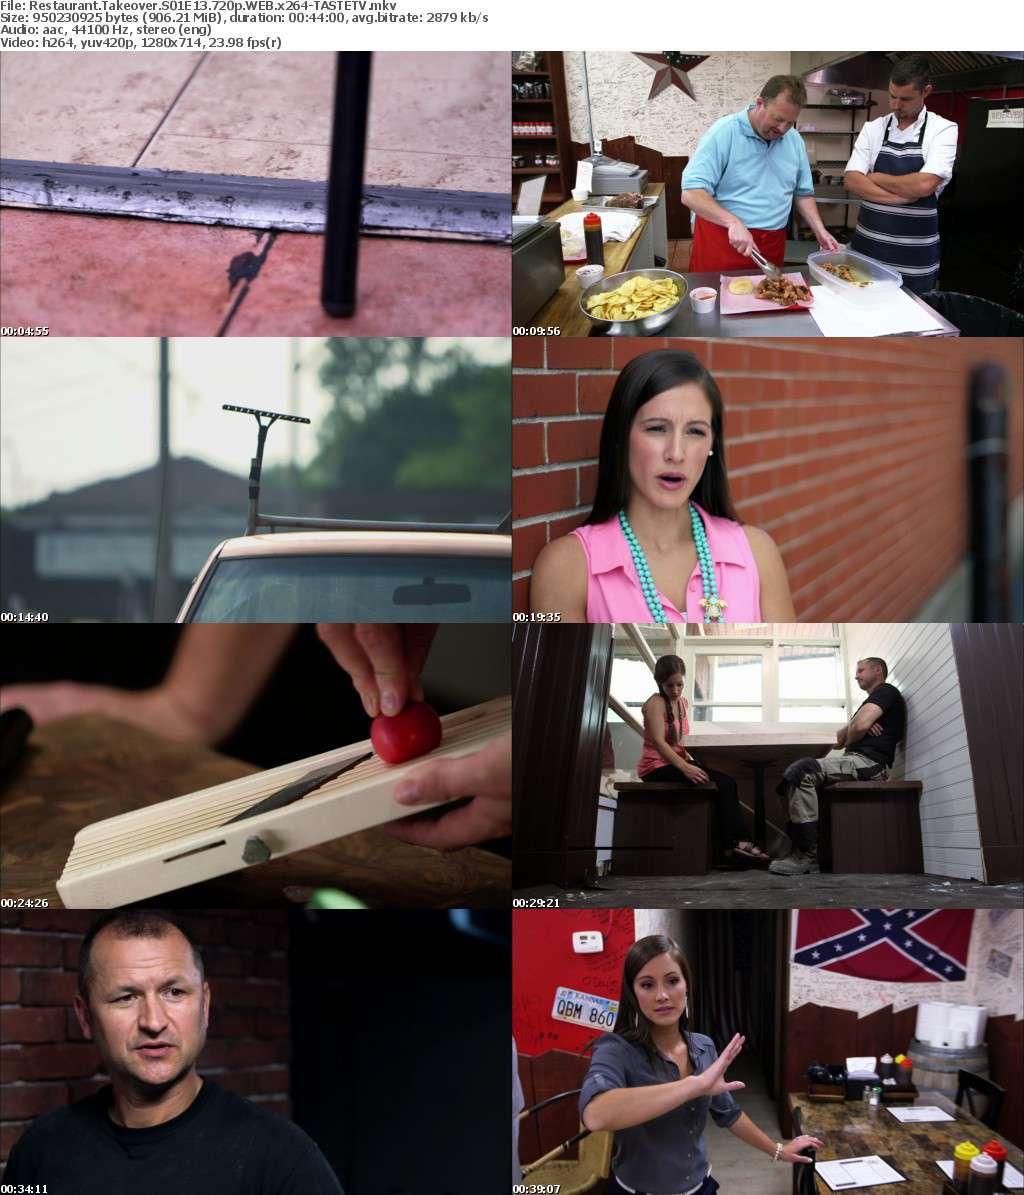 Restaurant Takeover S01E13 720p WEB x264-TASTETV